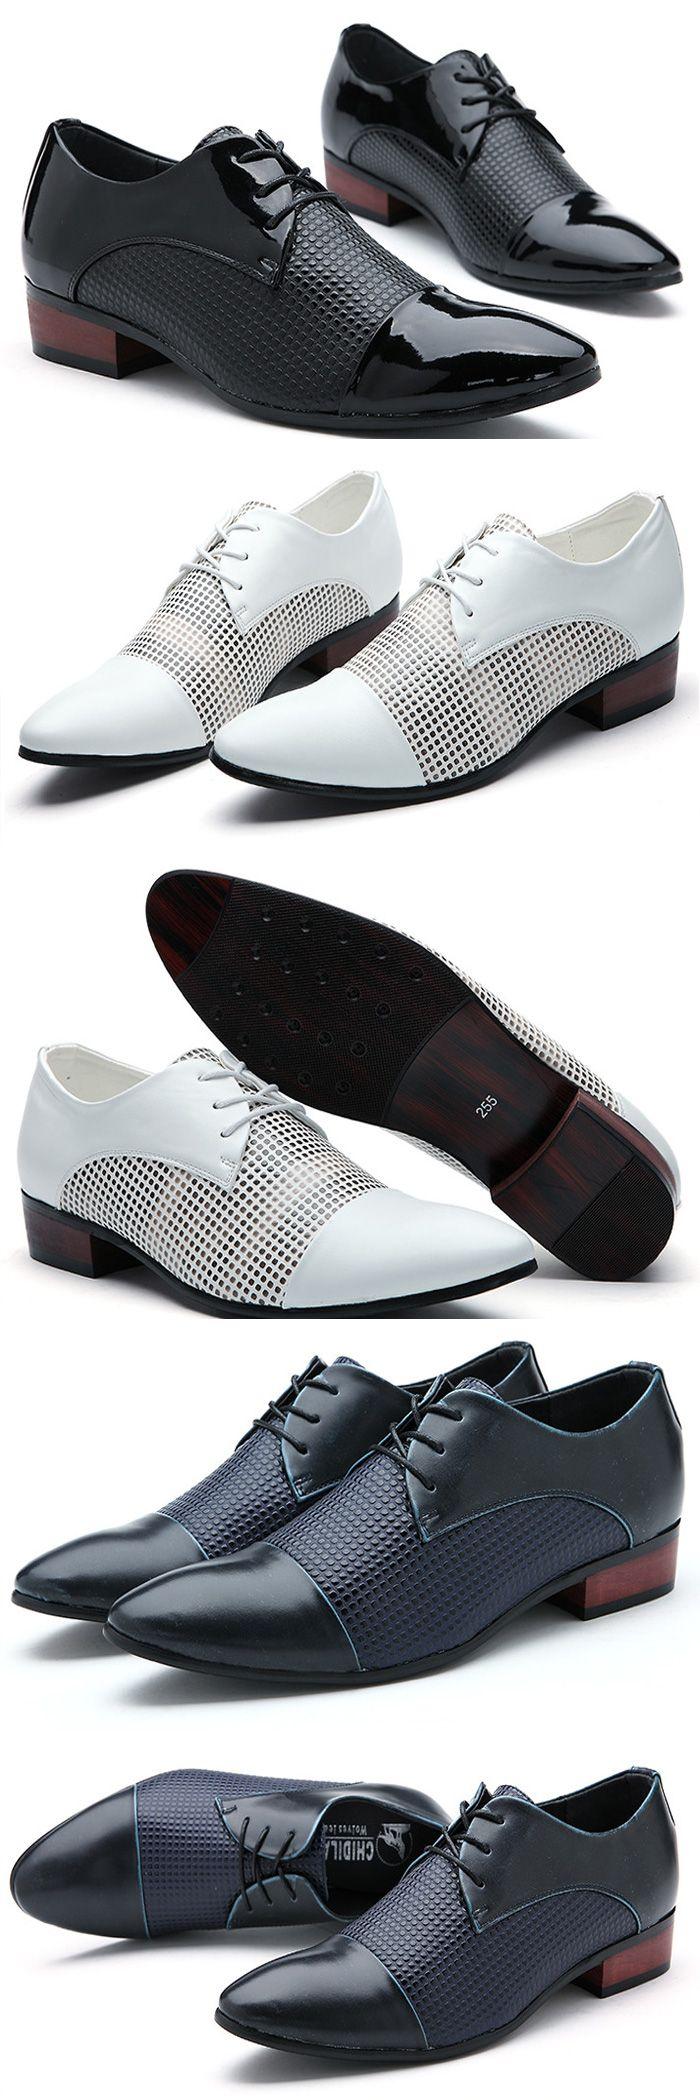 В наличии! #Туфли из натуральной кожи, туфли для деловых мужчин. http://ali.pub/e7kwu